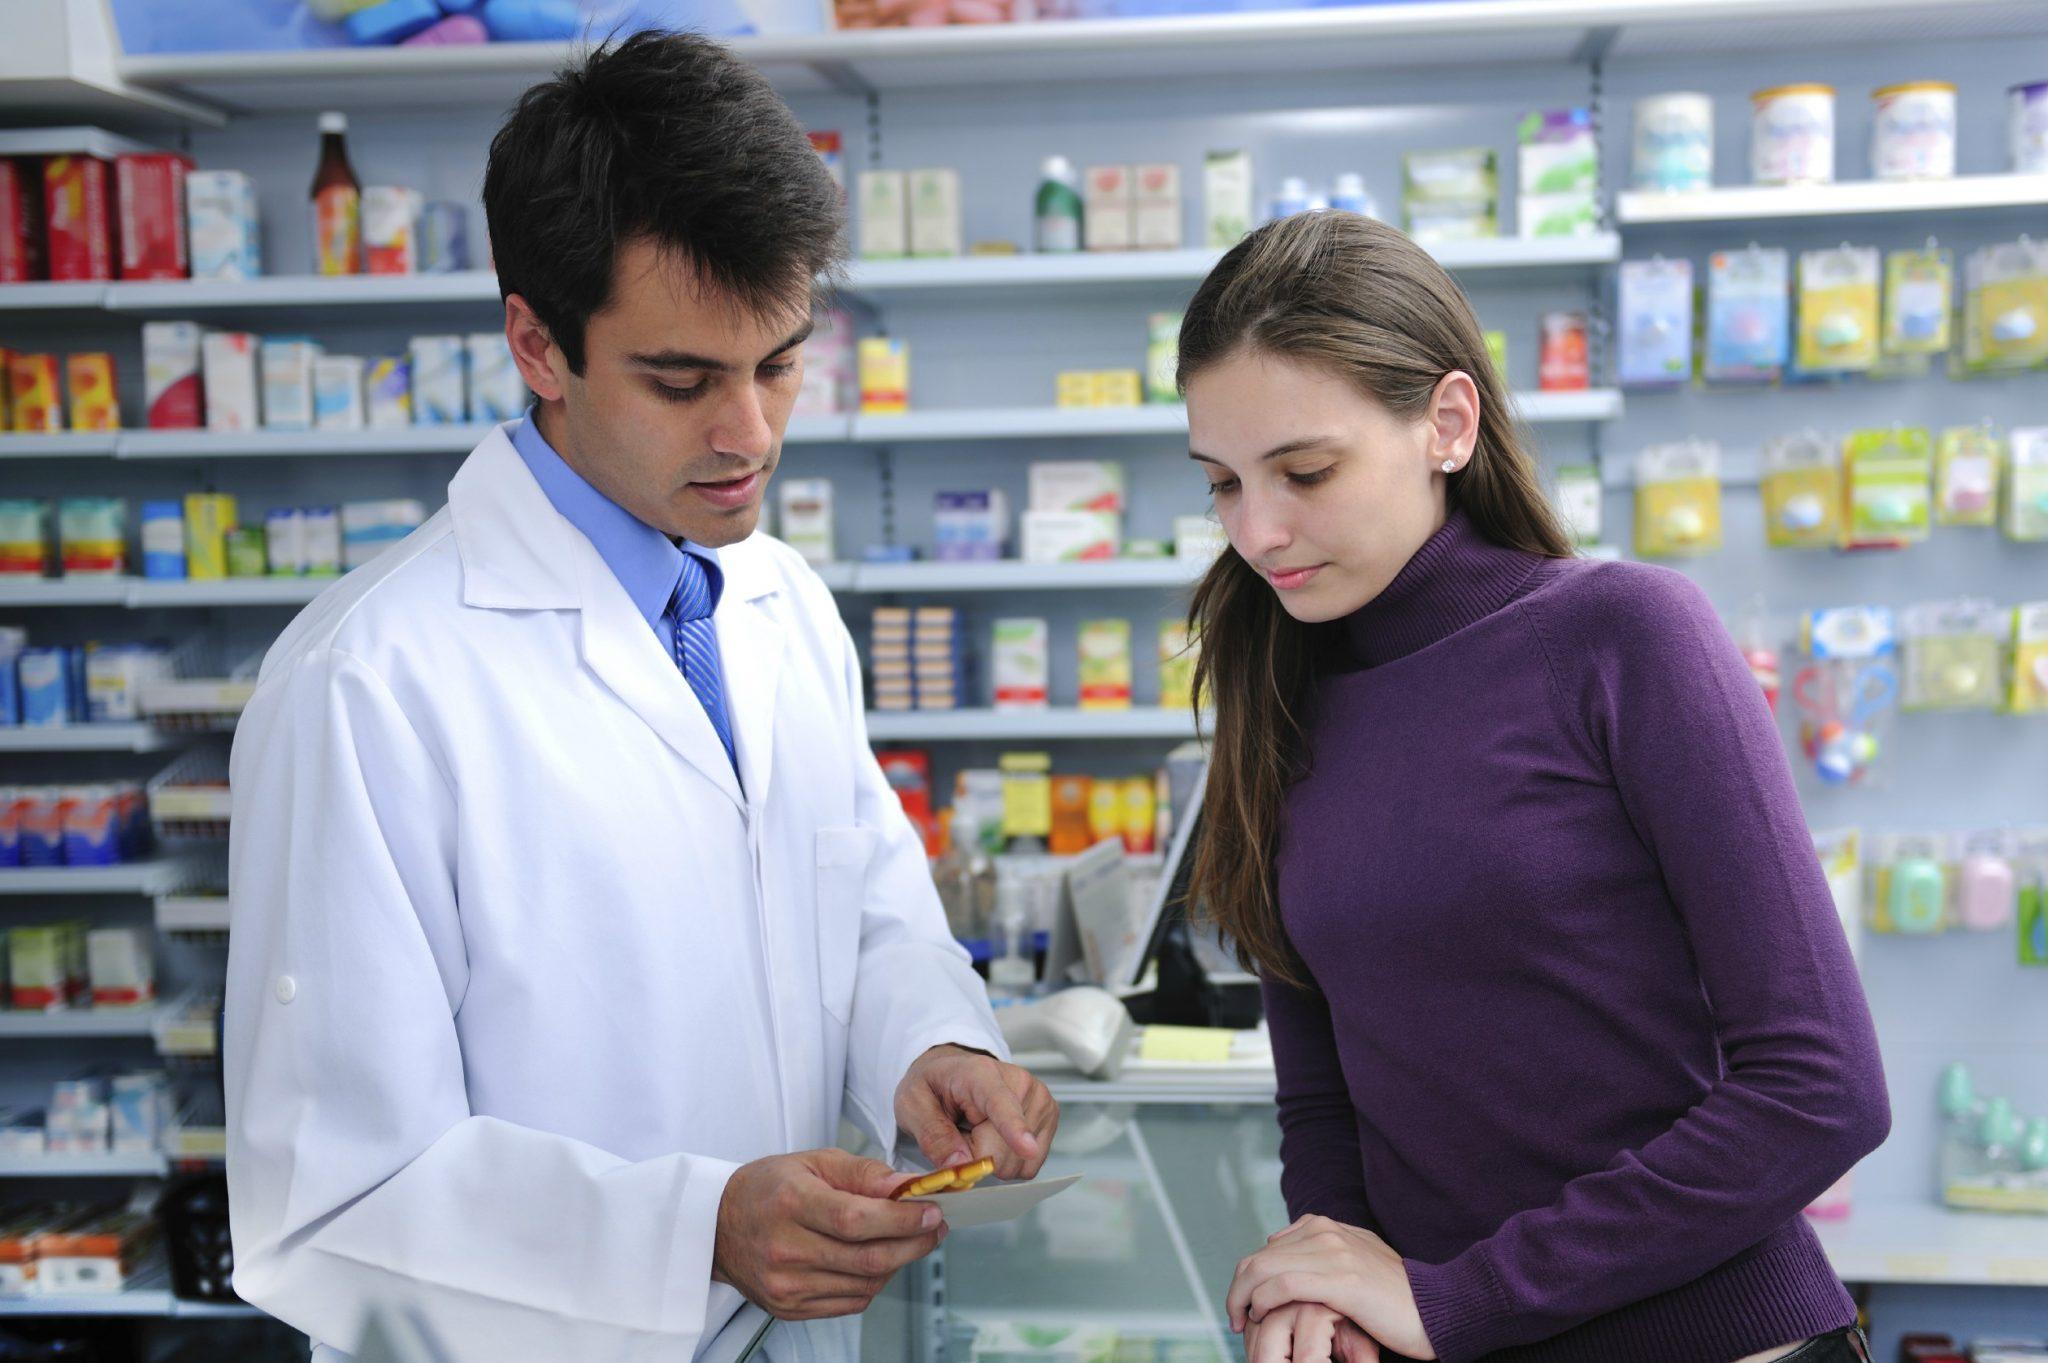 Farmacêutico mostrando um medicamento para compradora na bancada da farmácia